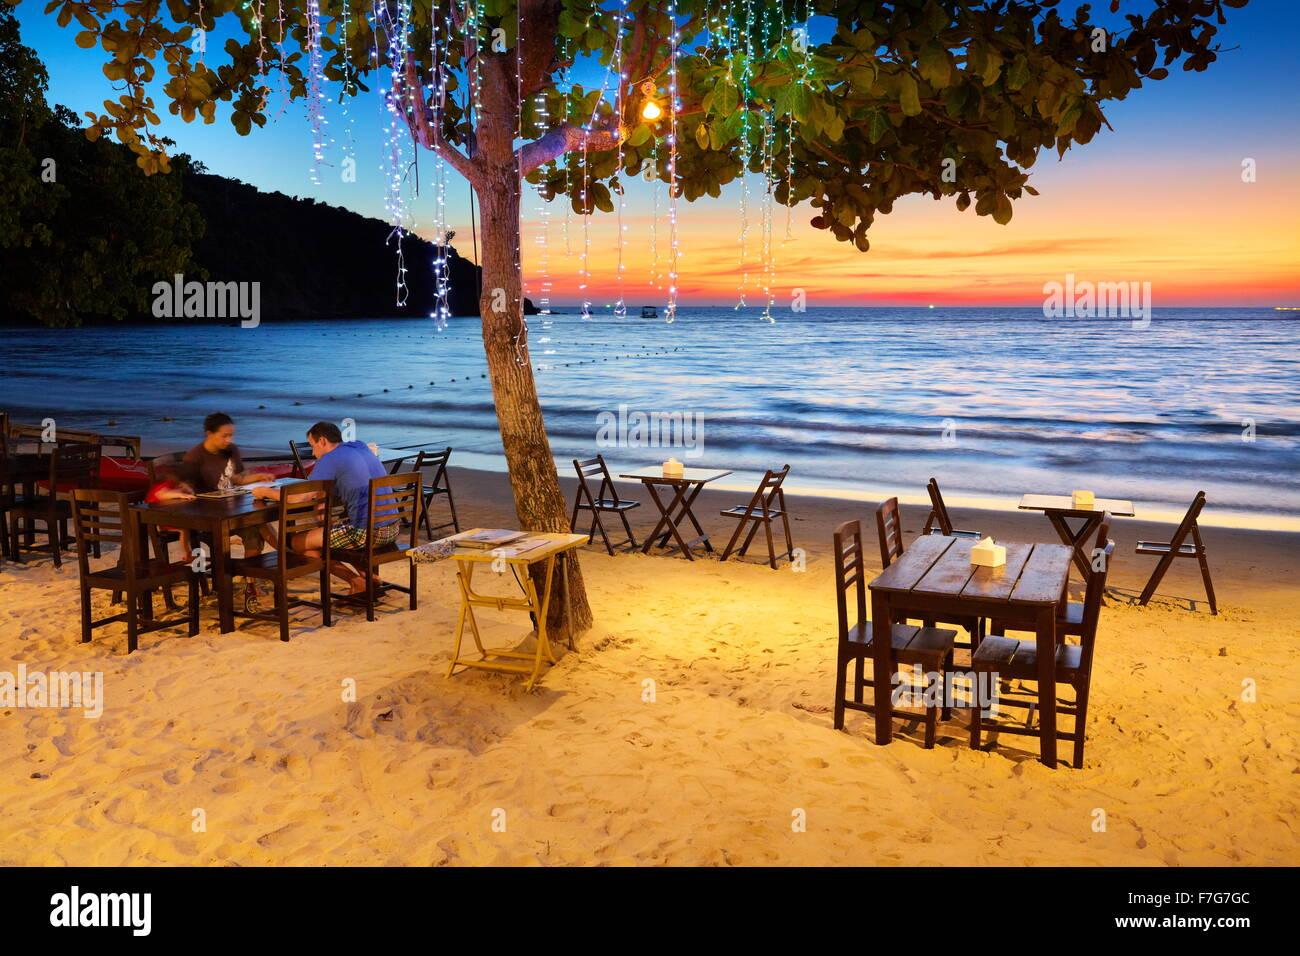 El restaurante de la playa en el Resort Coco Lima, Isla de Koh Samet, Tailandia Imagen De Stock